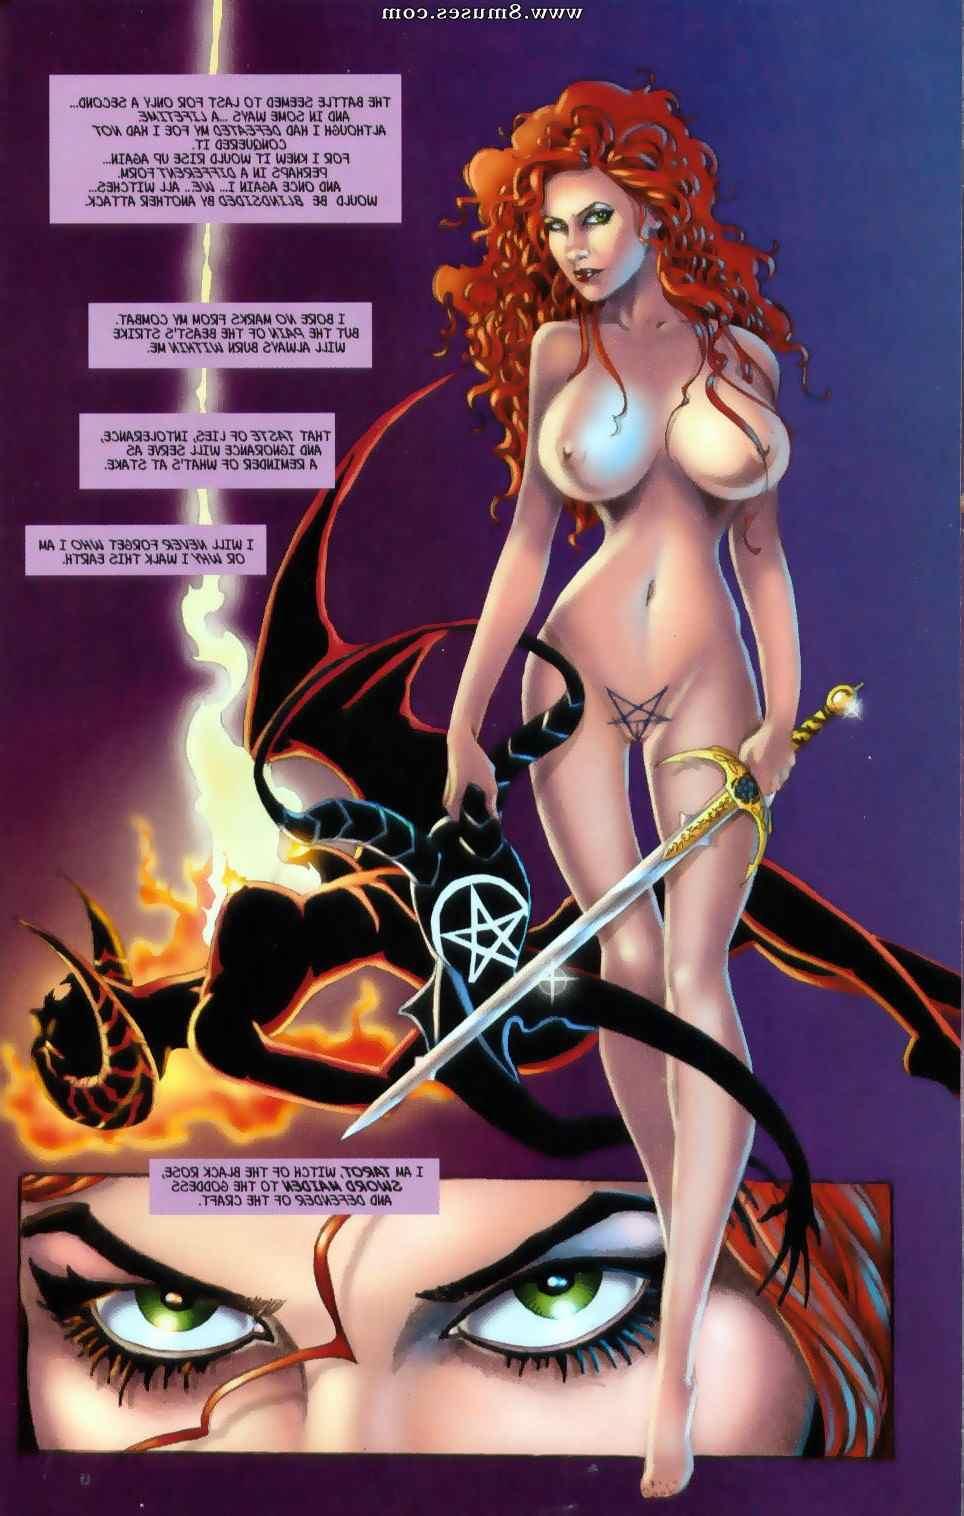 tarot witch of the black rose sex comics